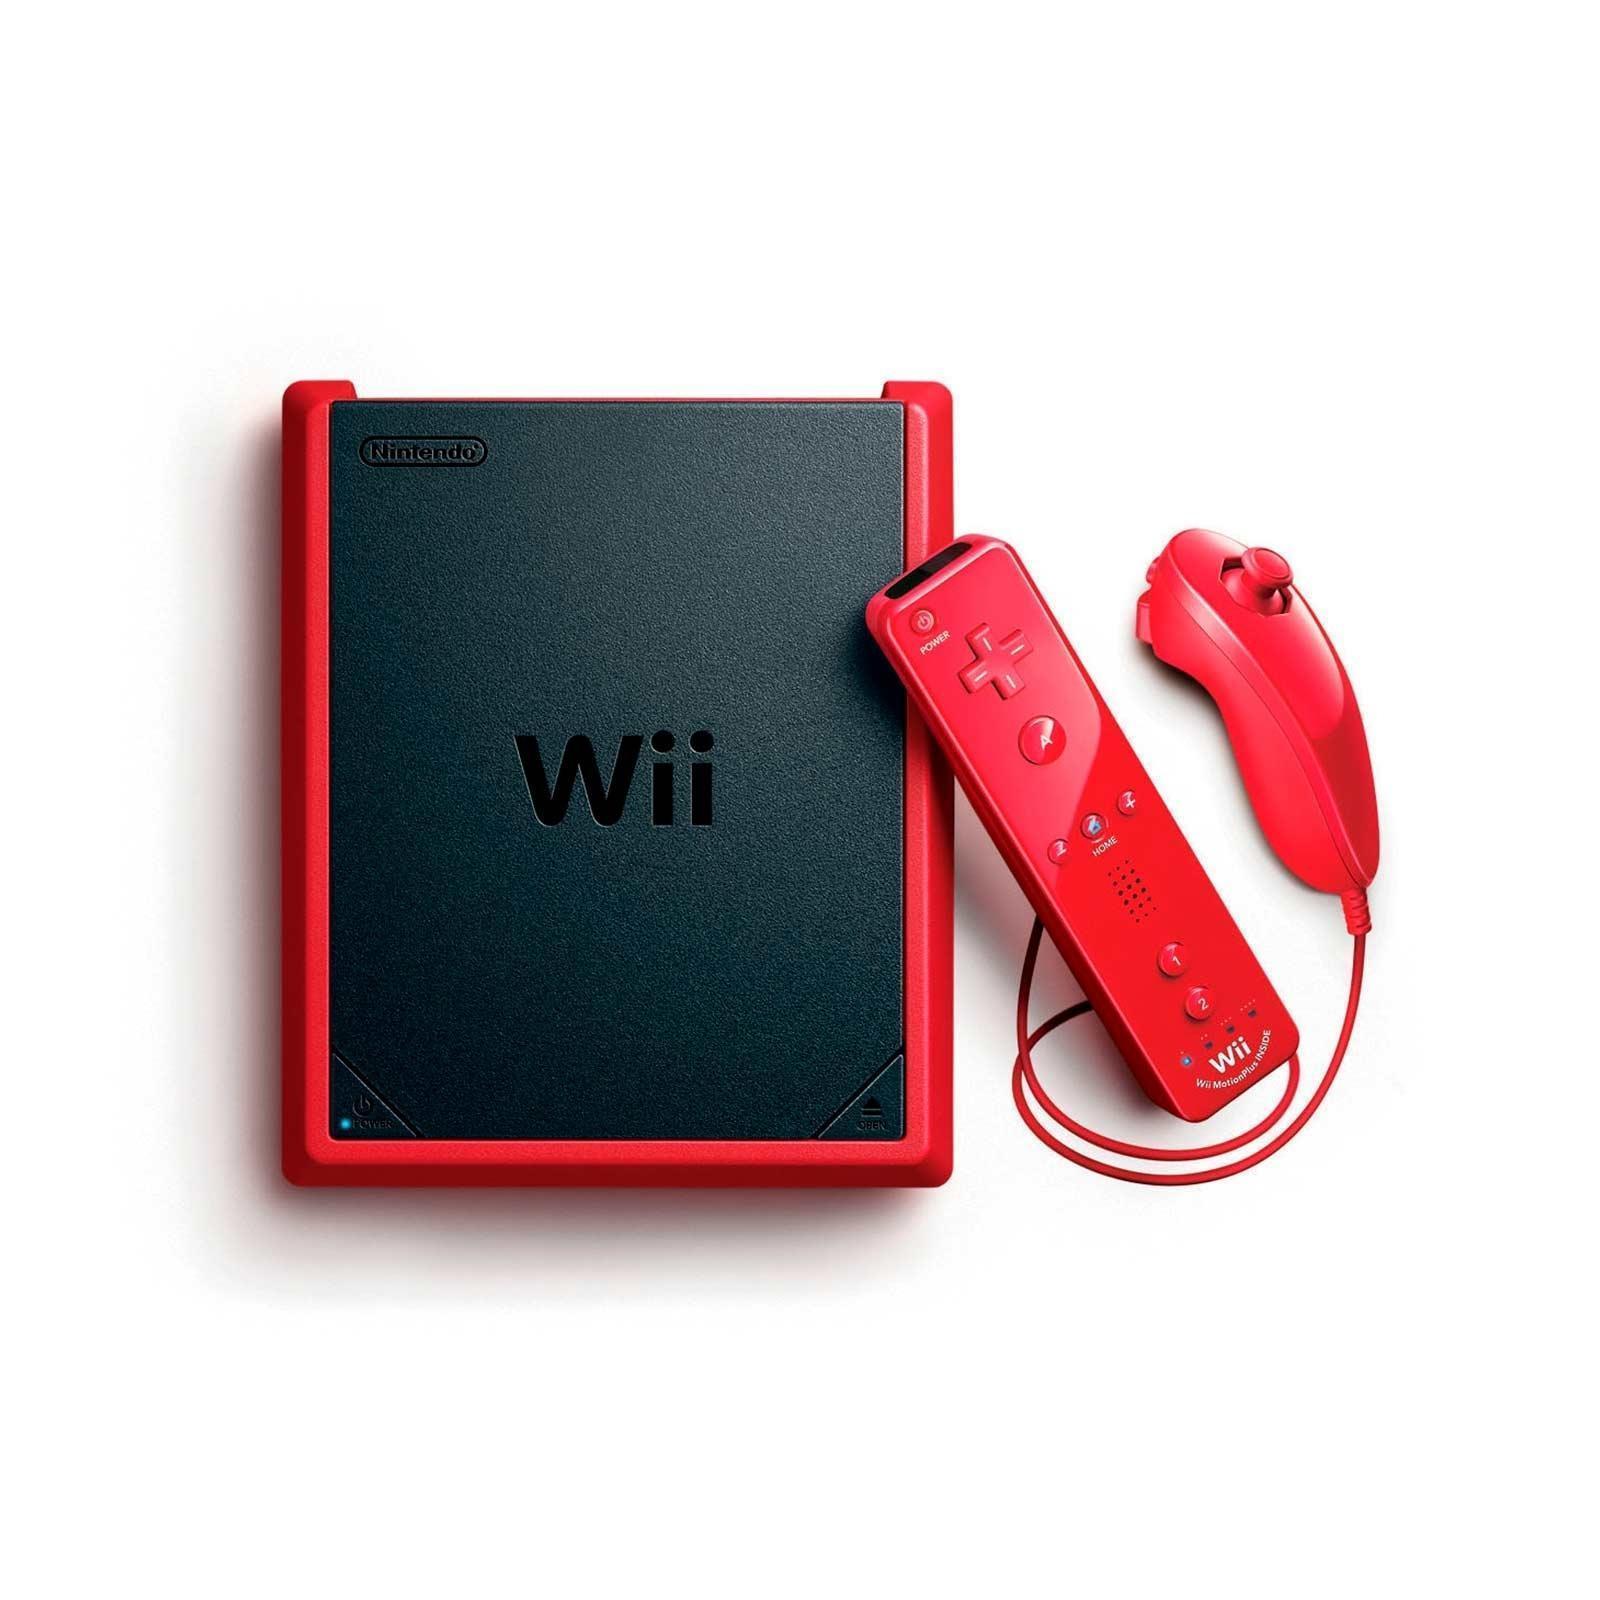 Konsoli Nintendo Wii Mini RVL-201 + 1 Ohjain - Musta/Punainen